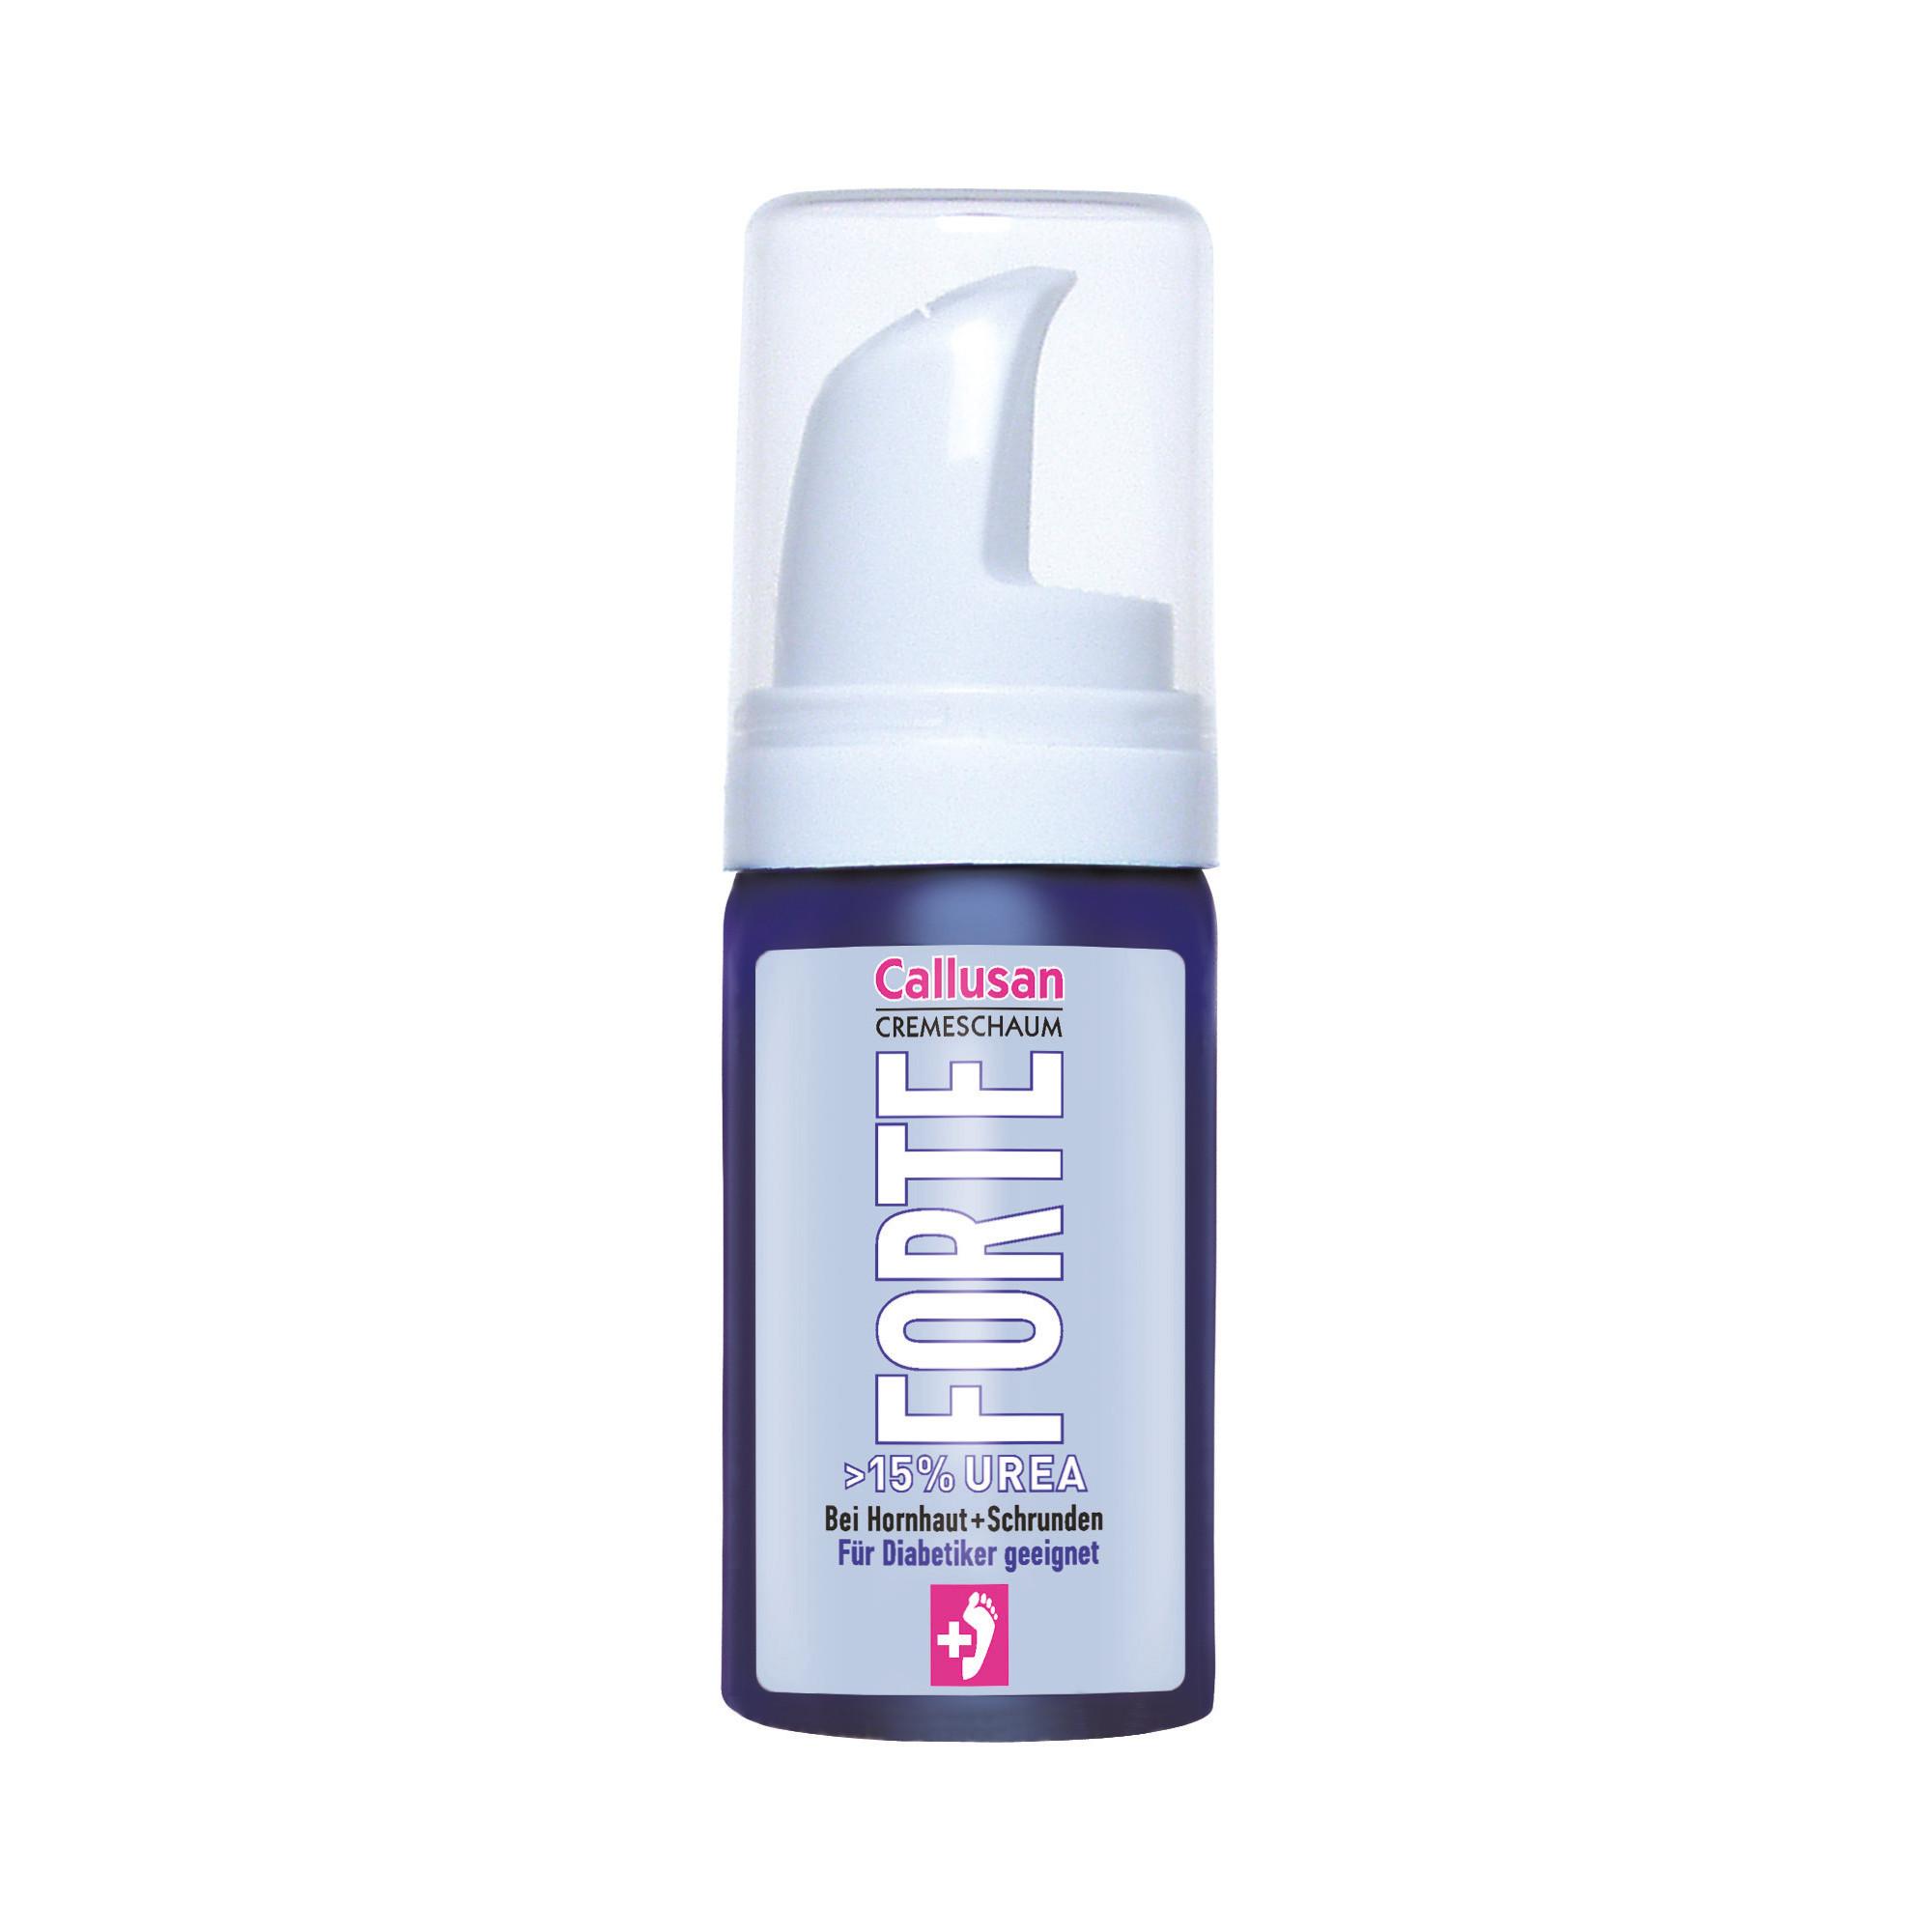 Forte - 15% d'urée - Crème de mousse pour peau dure et craquelée - Convient pour les soins des pieds diabétiques - Callusan